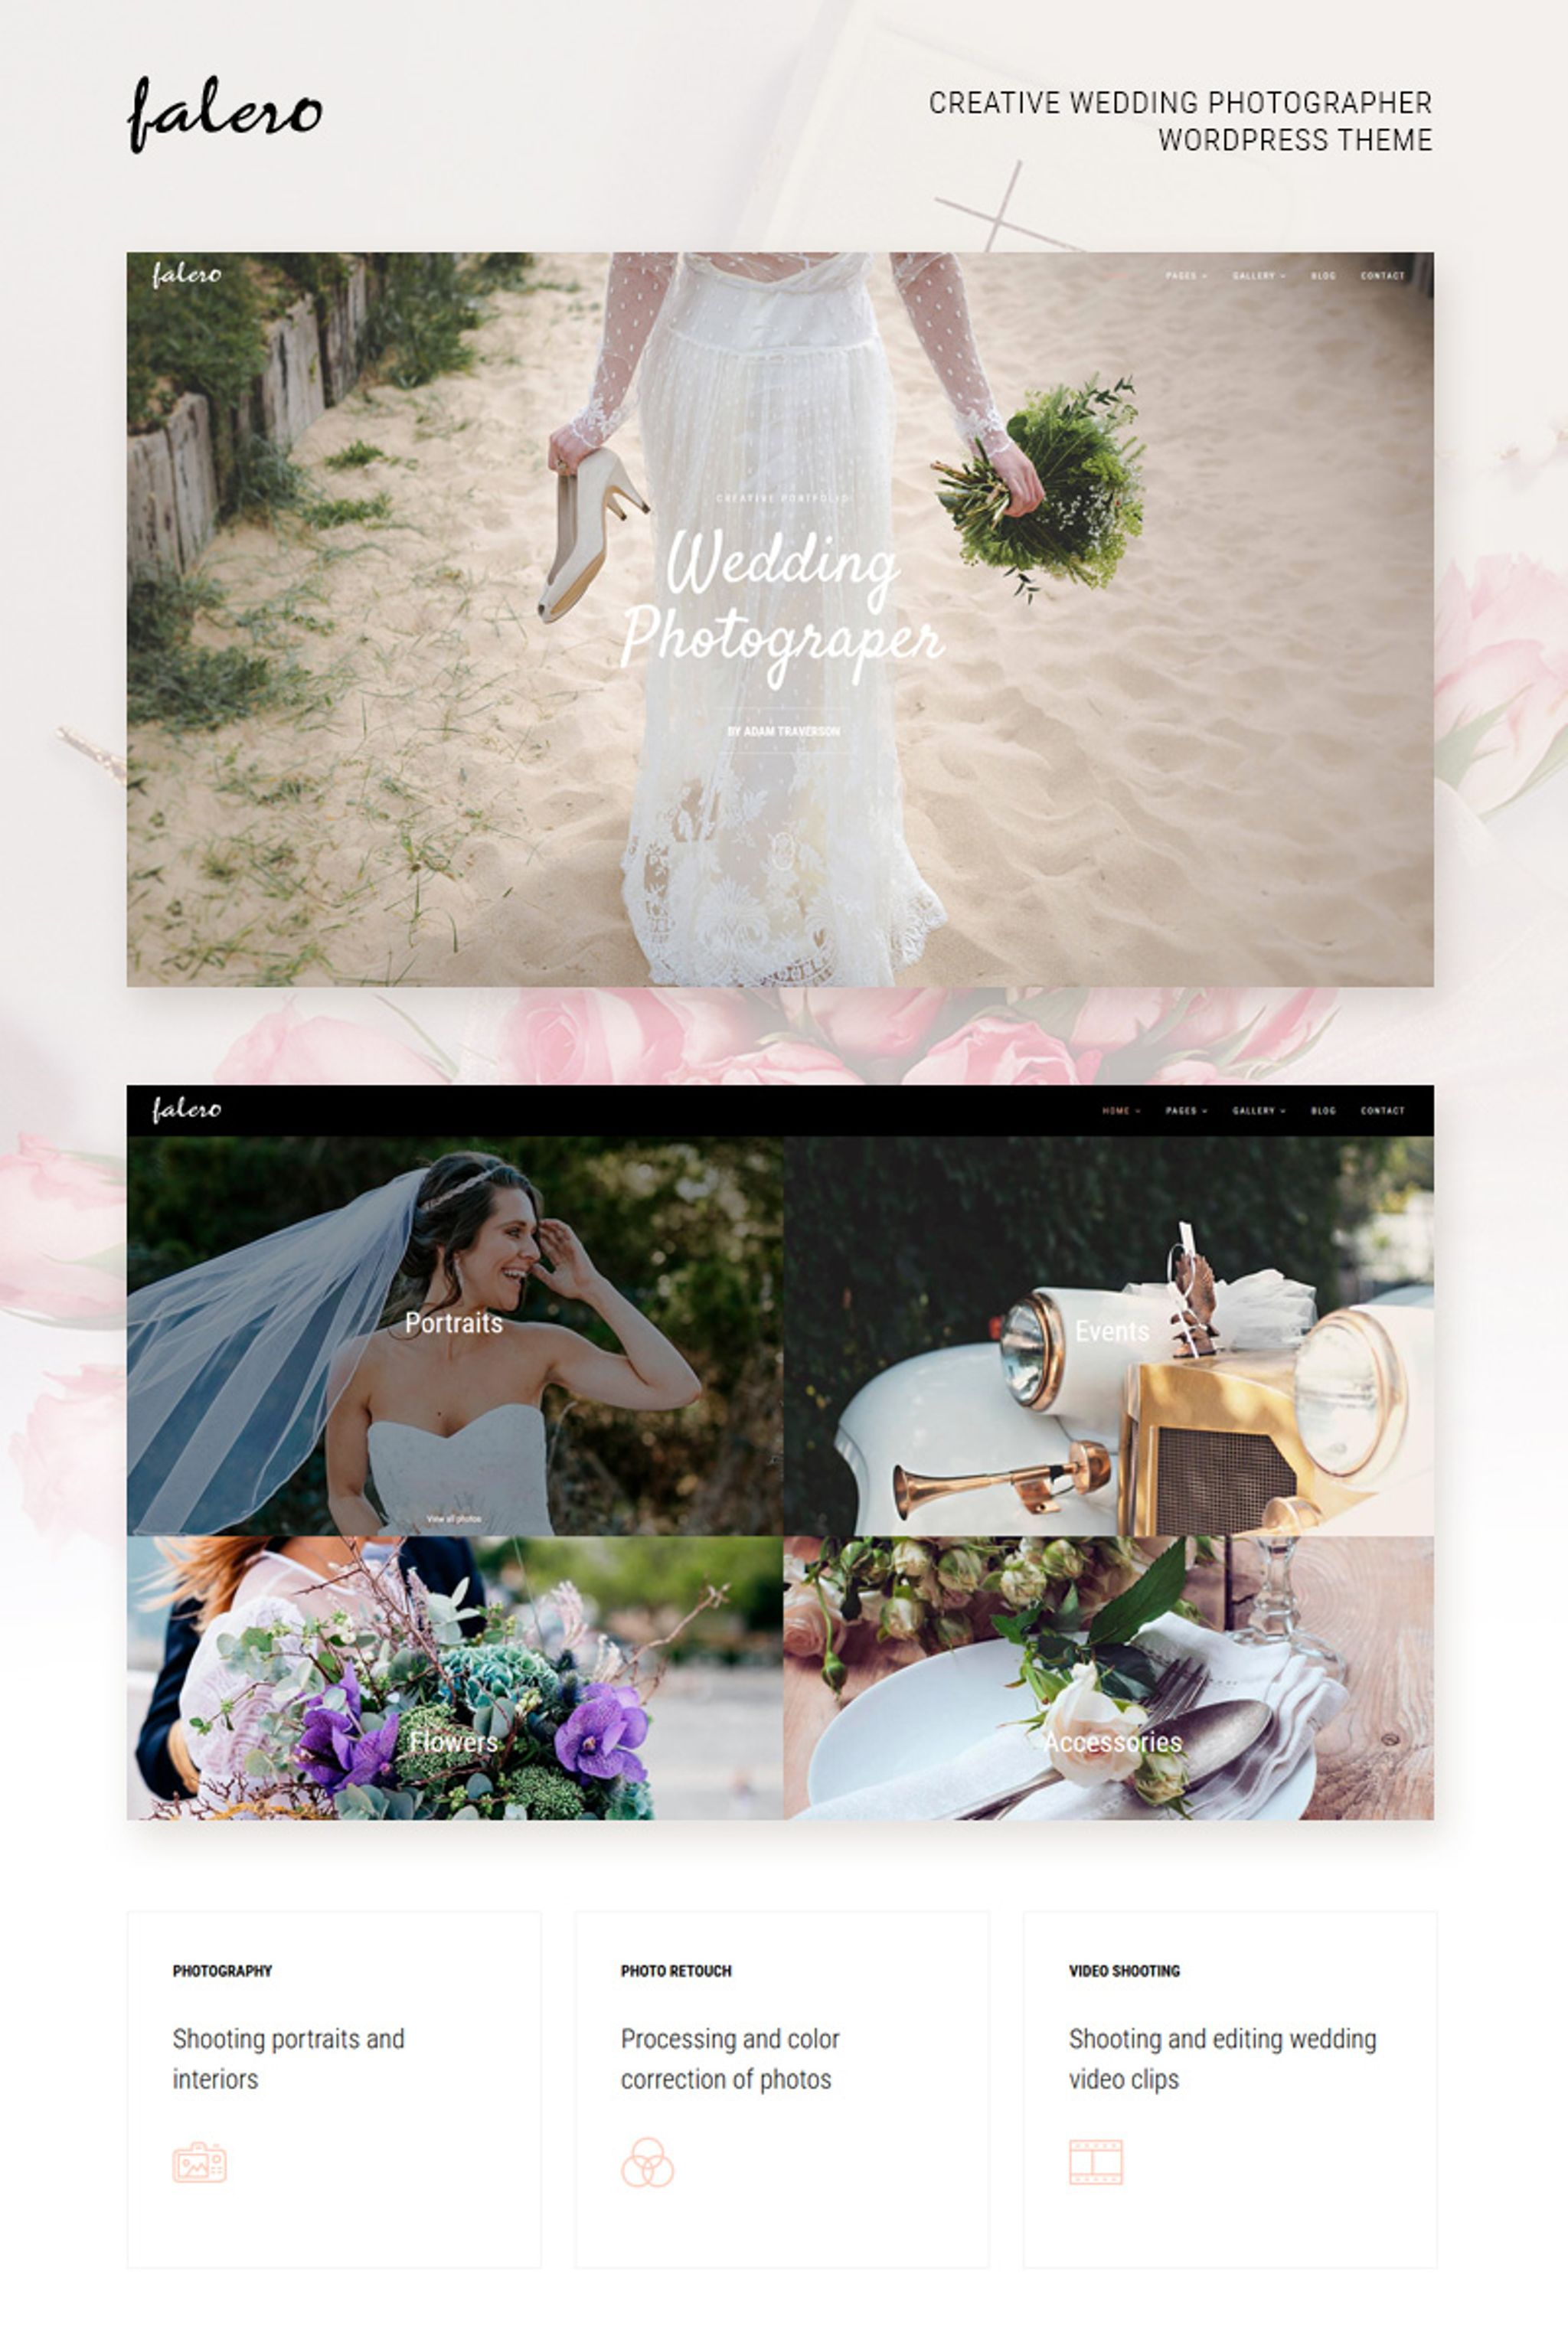 Reszponzív Falero Wedding Photographer WordPress sablon 64448 - képernyőkép